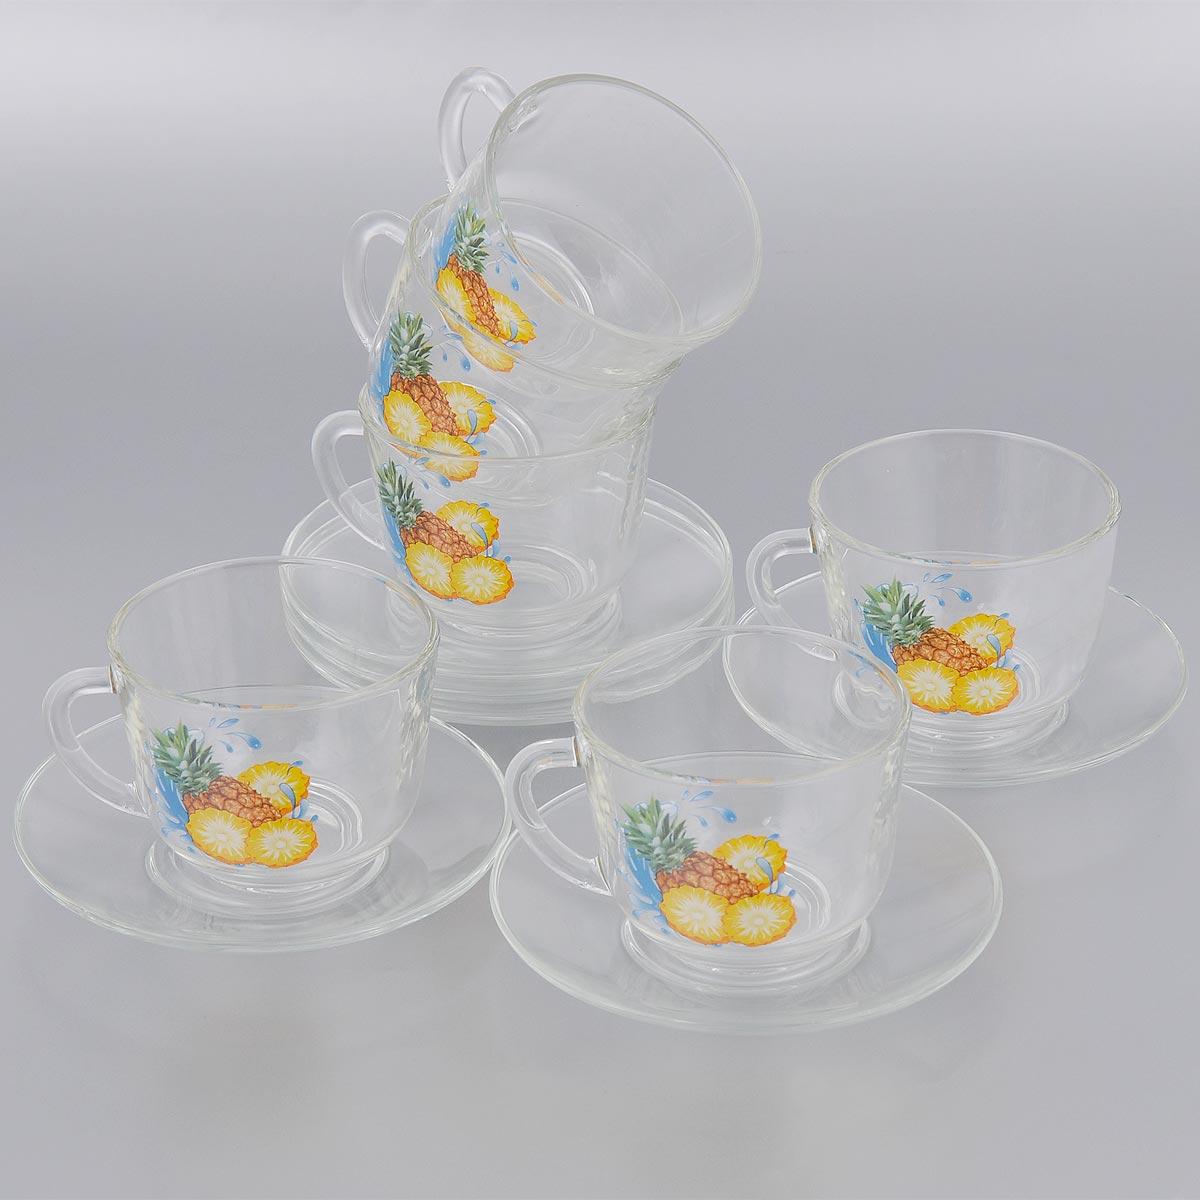 Набор чайный OSZ Одиссея, цвет: прозрачный, желтый, голубой,12 предметов08с1349,07С1337ДЗУАНКЧайный набор OSZ Одиссея состоит из шести чашек и шести блюдец. Все предметы набора выполнены из высококачественного натрий-кальций-силикатного стекла. Чашки оснащены удобными ручками и оформлены ярким изображением фруктов. Изящный набор эффектно украсит стол к чаепитию и порадует вас функциональностью и современным дизайном. Объем чашки: 200 мл. Диаметр (по верхнему краю): 8,5 см. Высота чашки: 7 см. Диаметр блюдца (по верхнему краю): 13 см. Высота блюдца: 1,5 см.